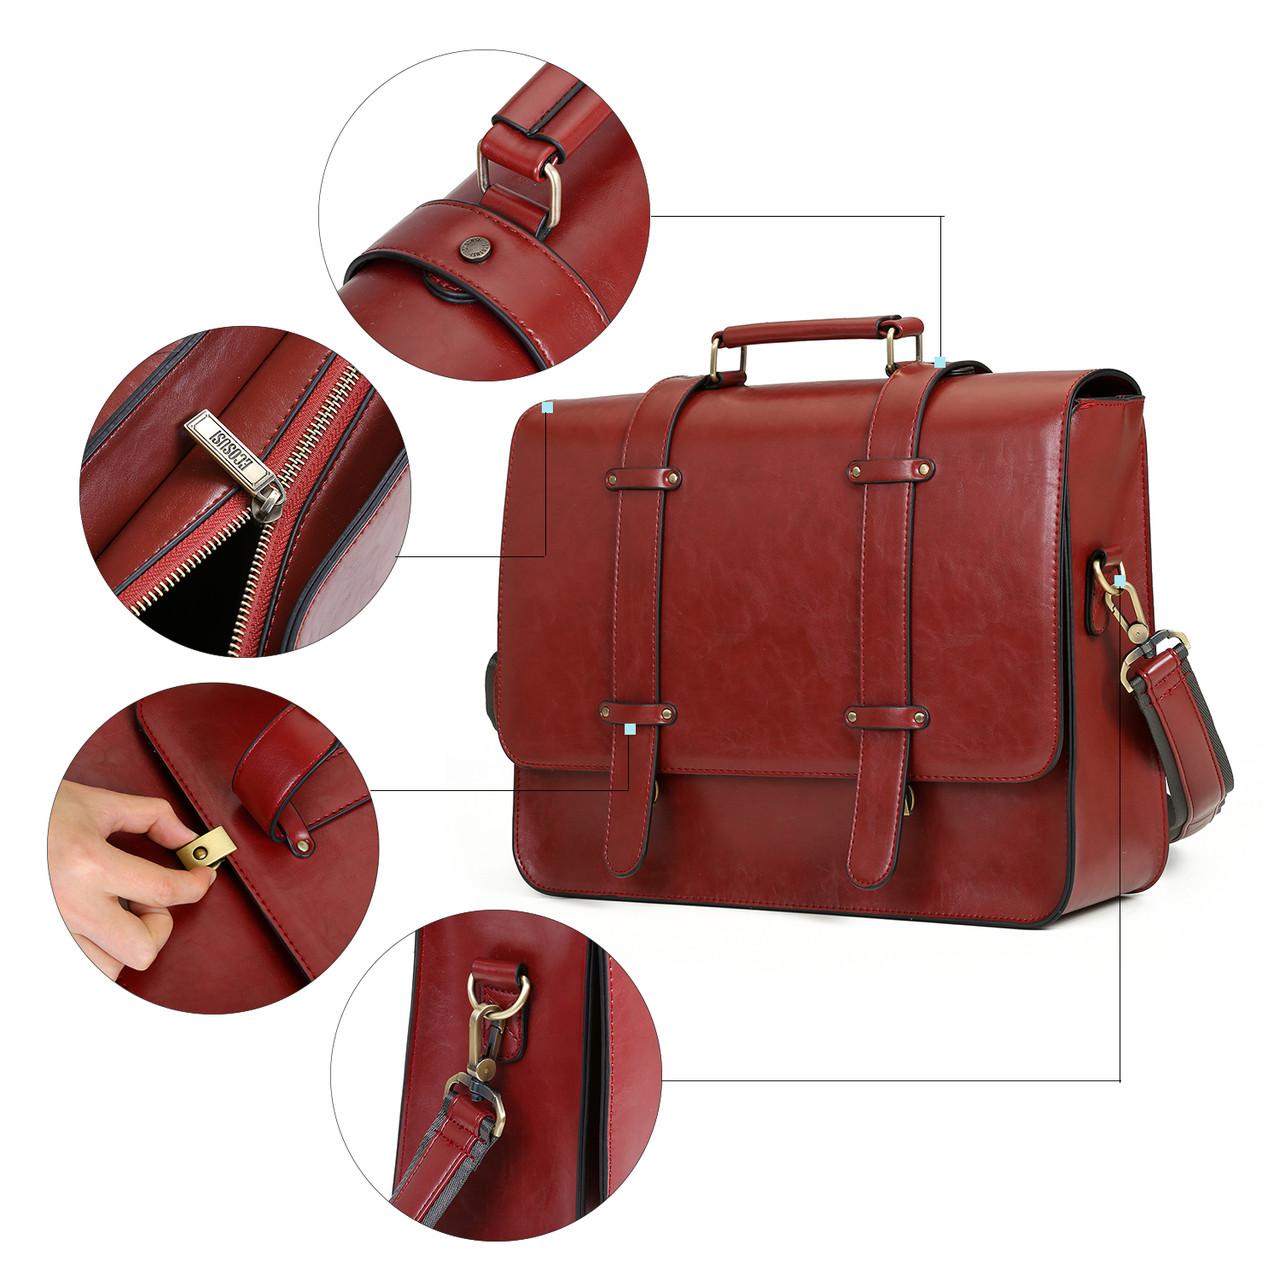 56cca742d796 Женская сумка-портфель Ecosusi вишневая (ES0120943A021): продажа ...